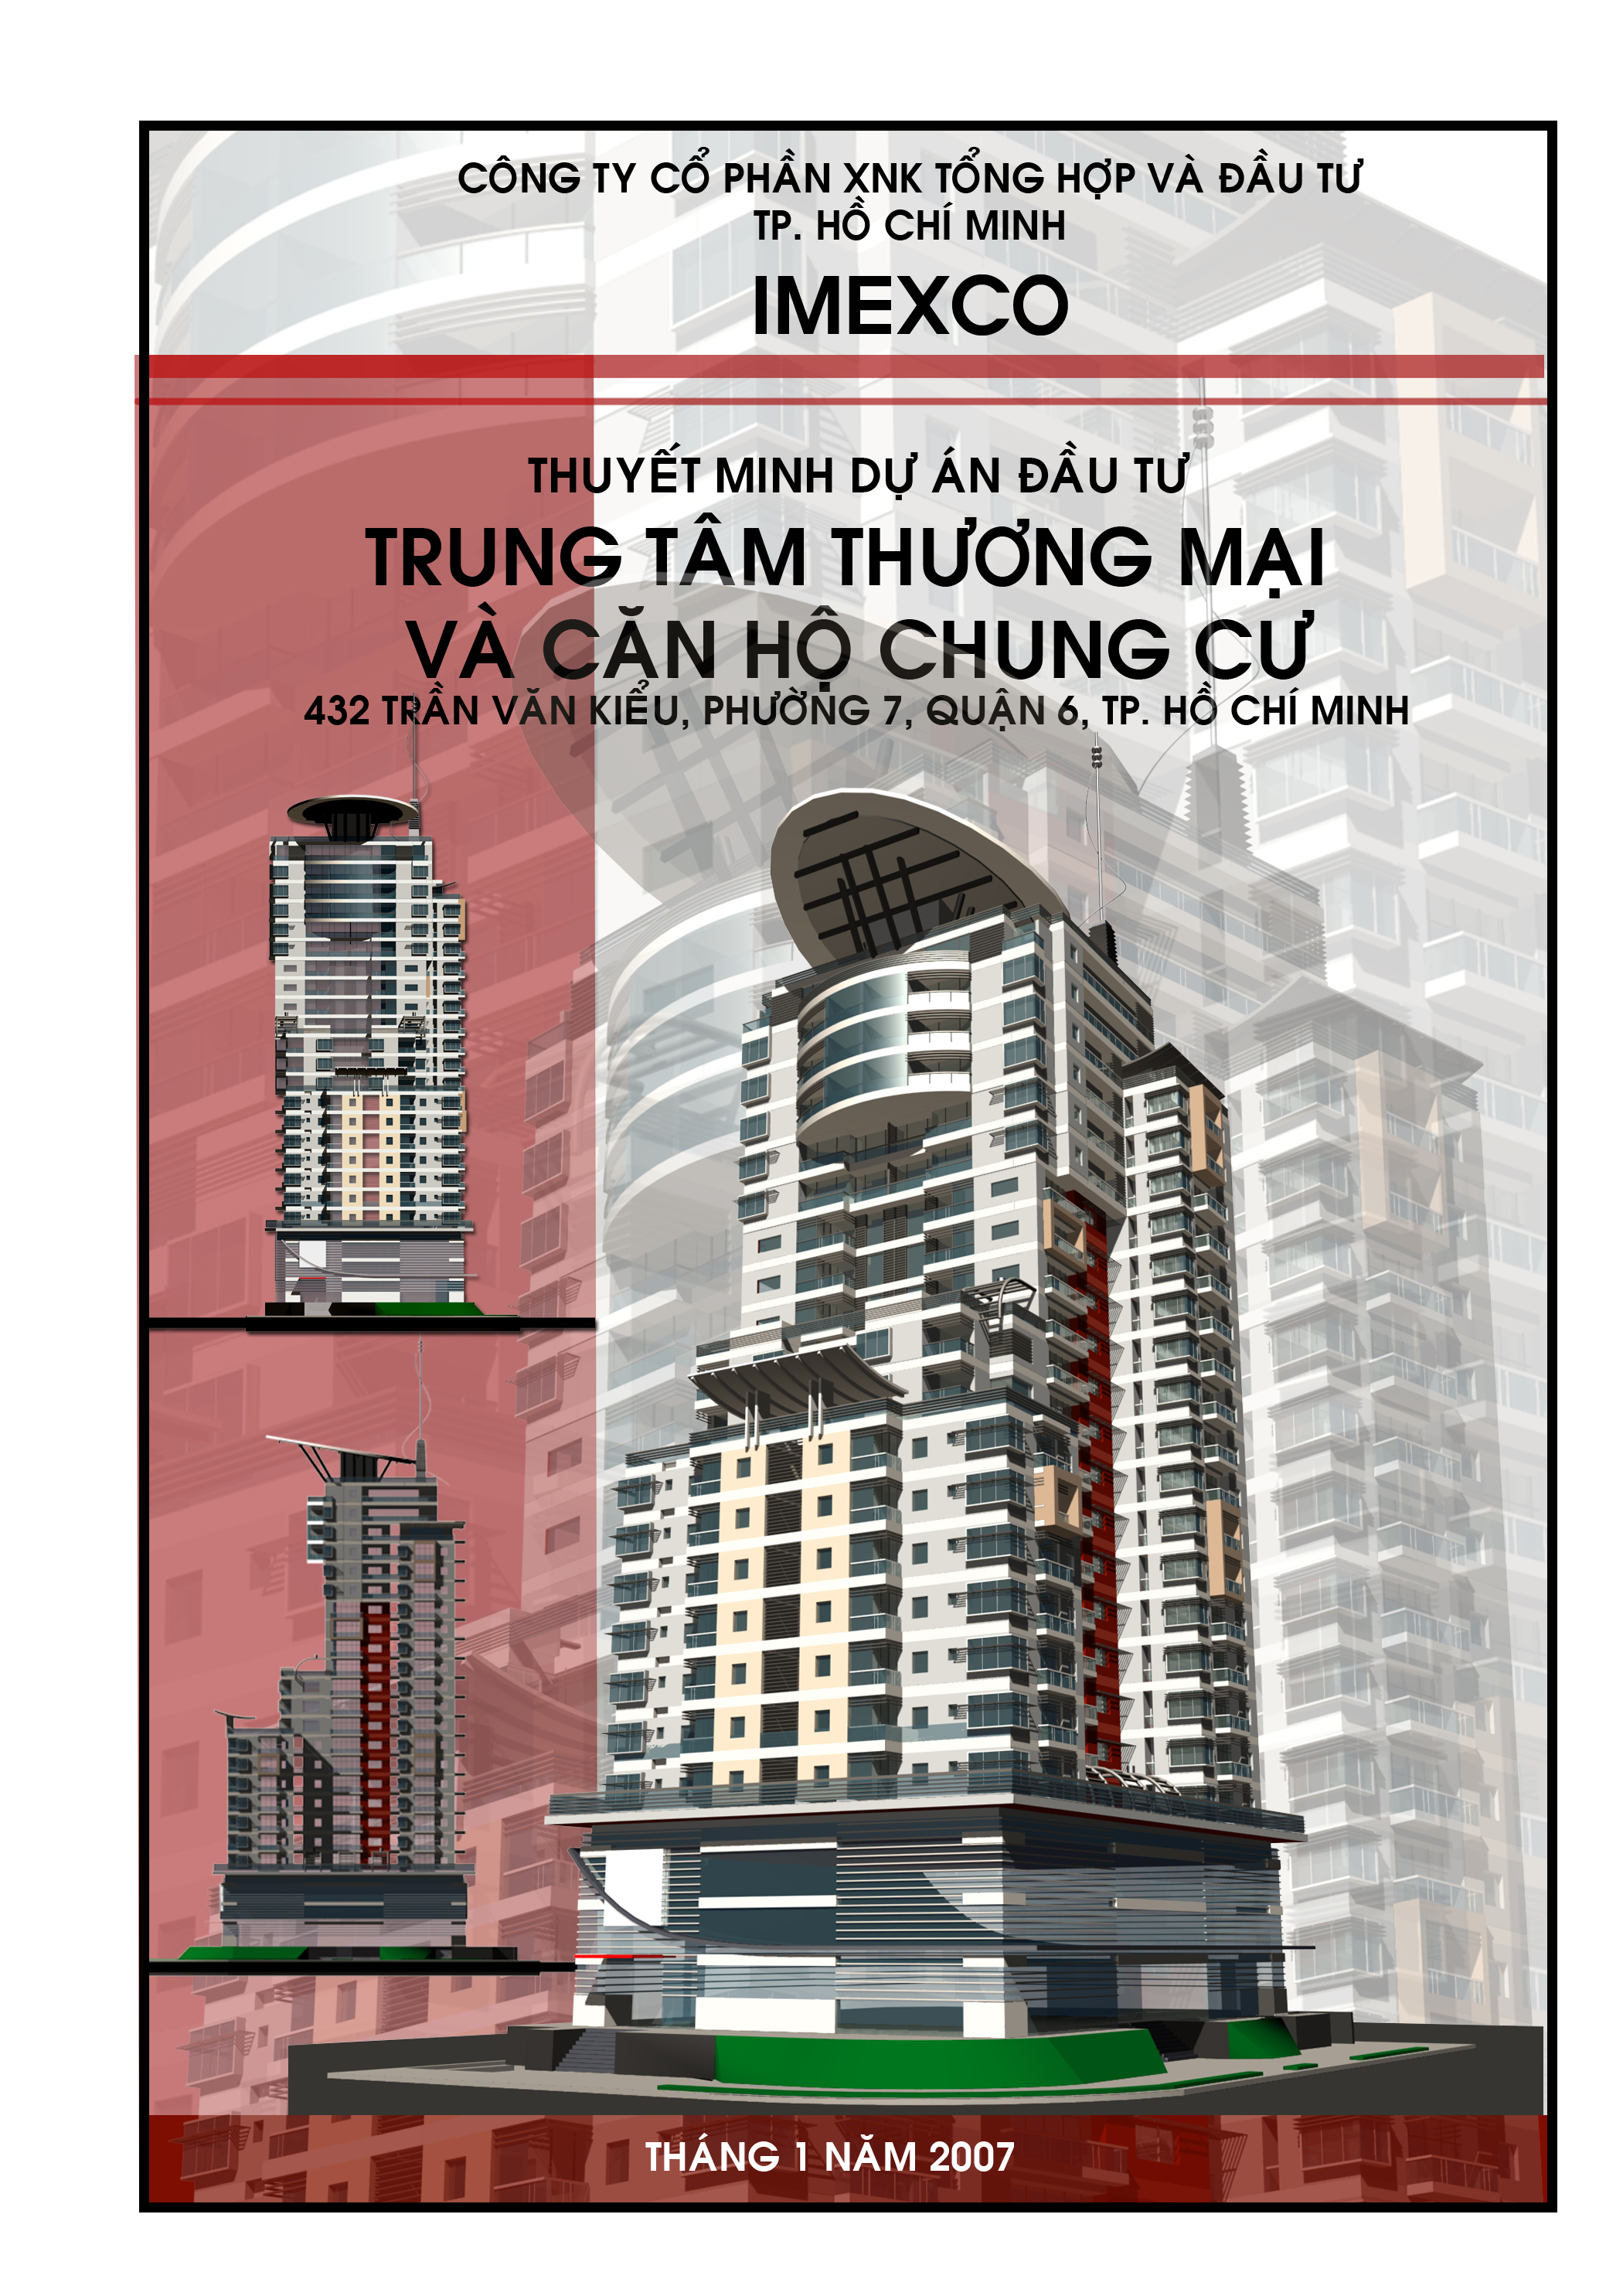 You are browsing images from the article: Hình ảnh dự án 432 Trần Văn Kiểu